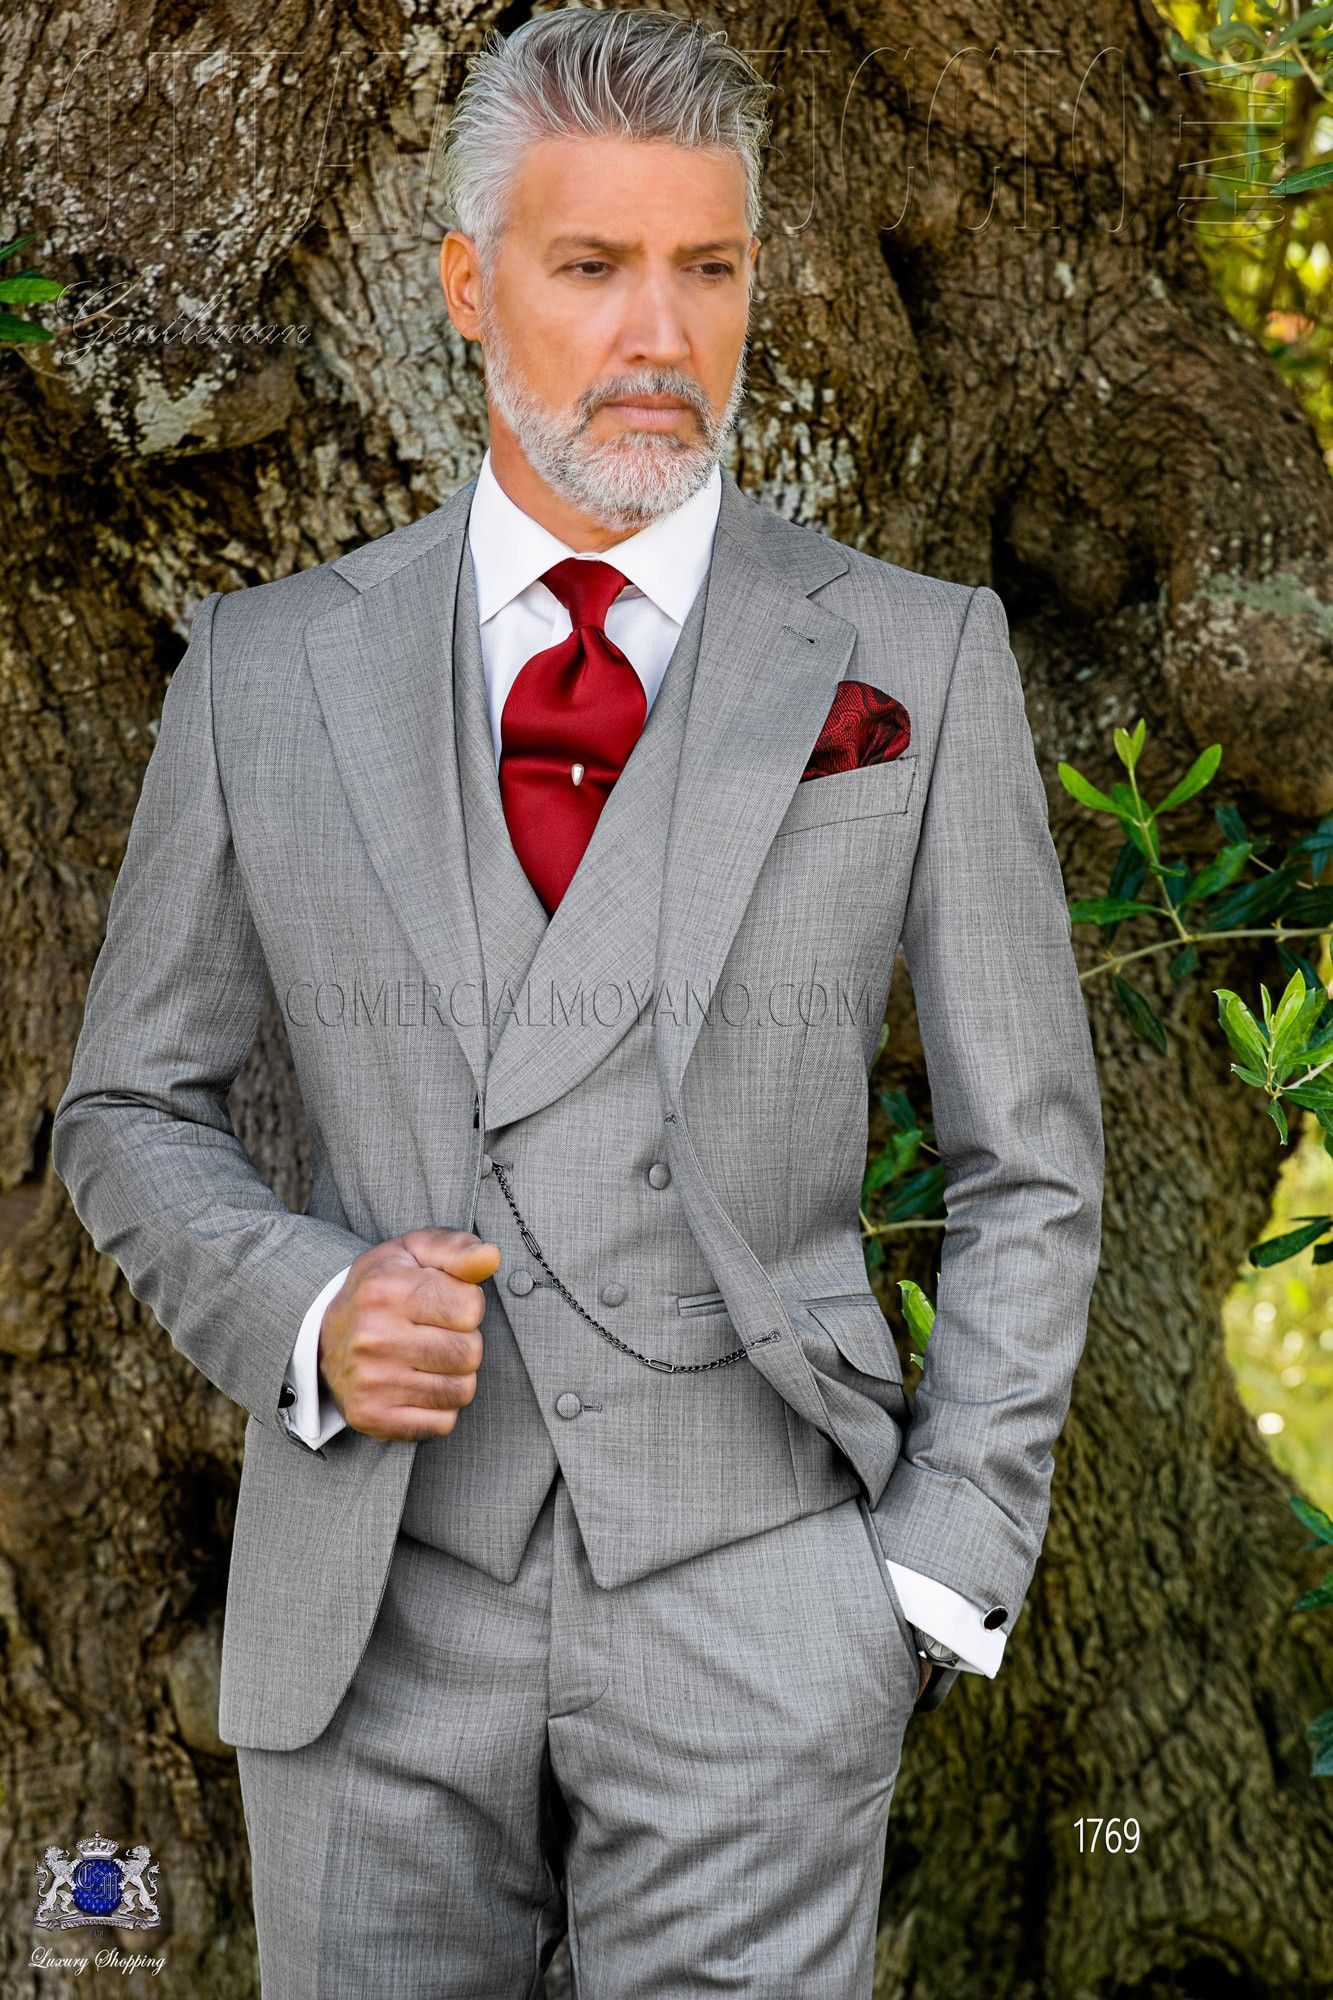 italienisch hellgraue anzug mit abfallendes revers 2 perlmutt kn pfe und seitenschlitze aus fil. Black Bedroom Furniture Sets. Home Design Ideas